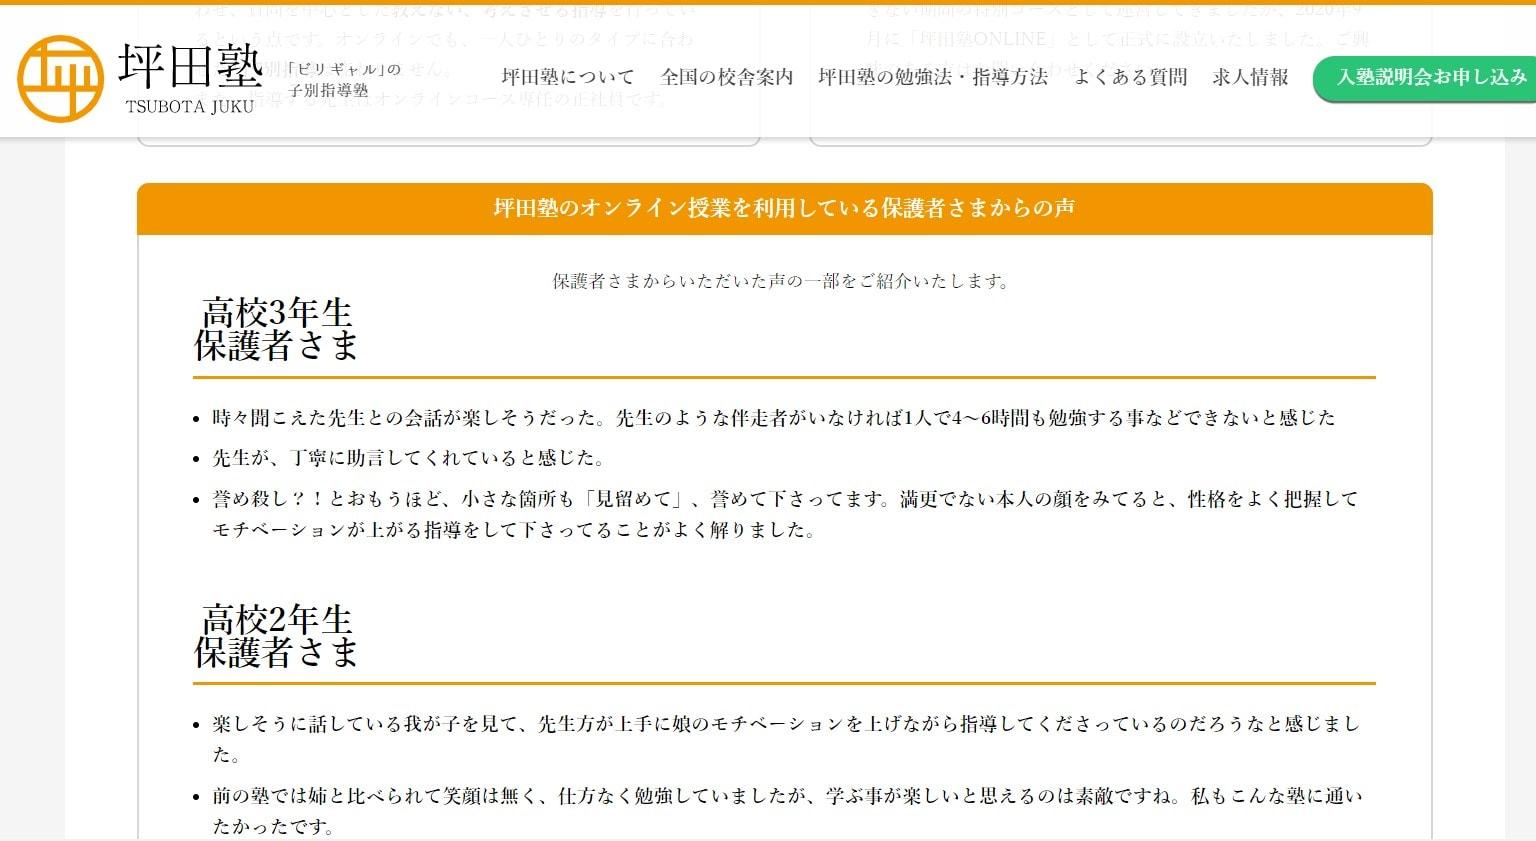 坪田塾オンラインコース(坪田塾ONLINE)に関する保護者の声